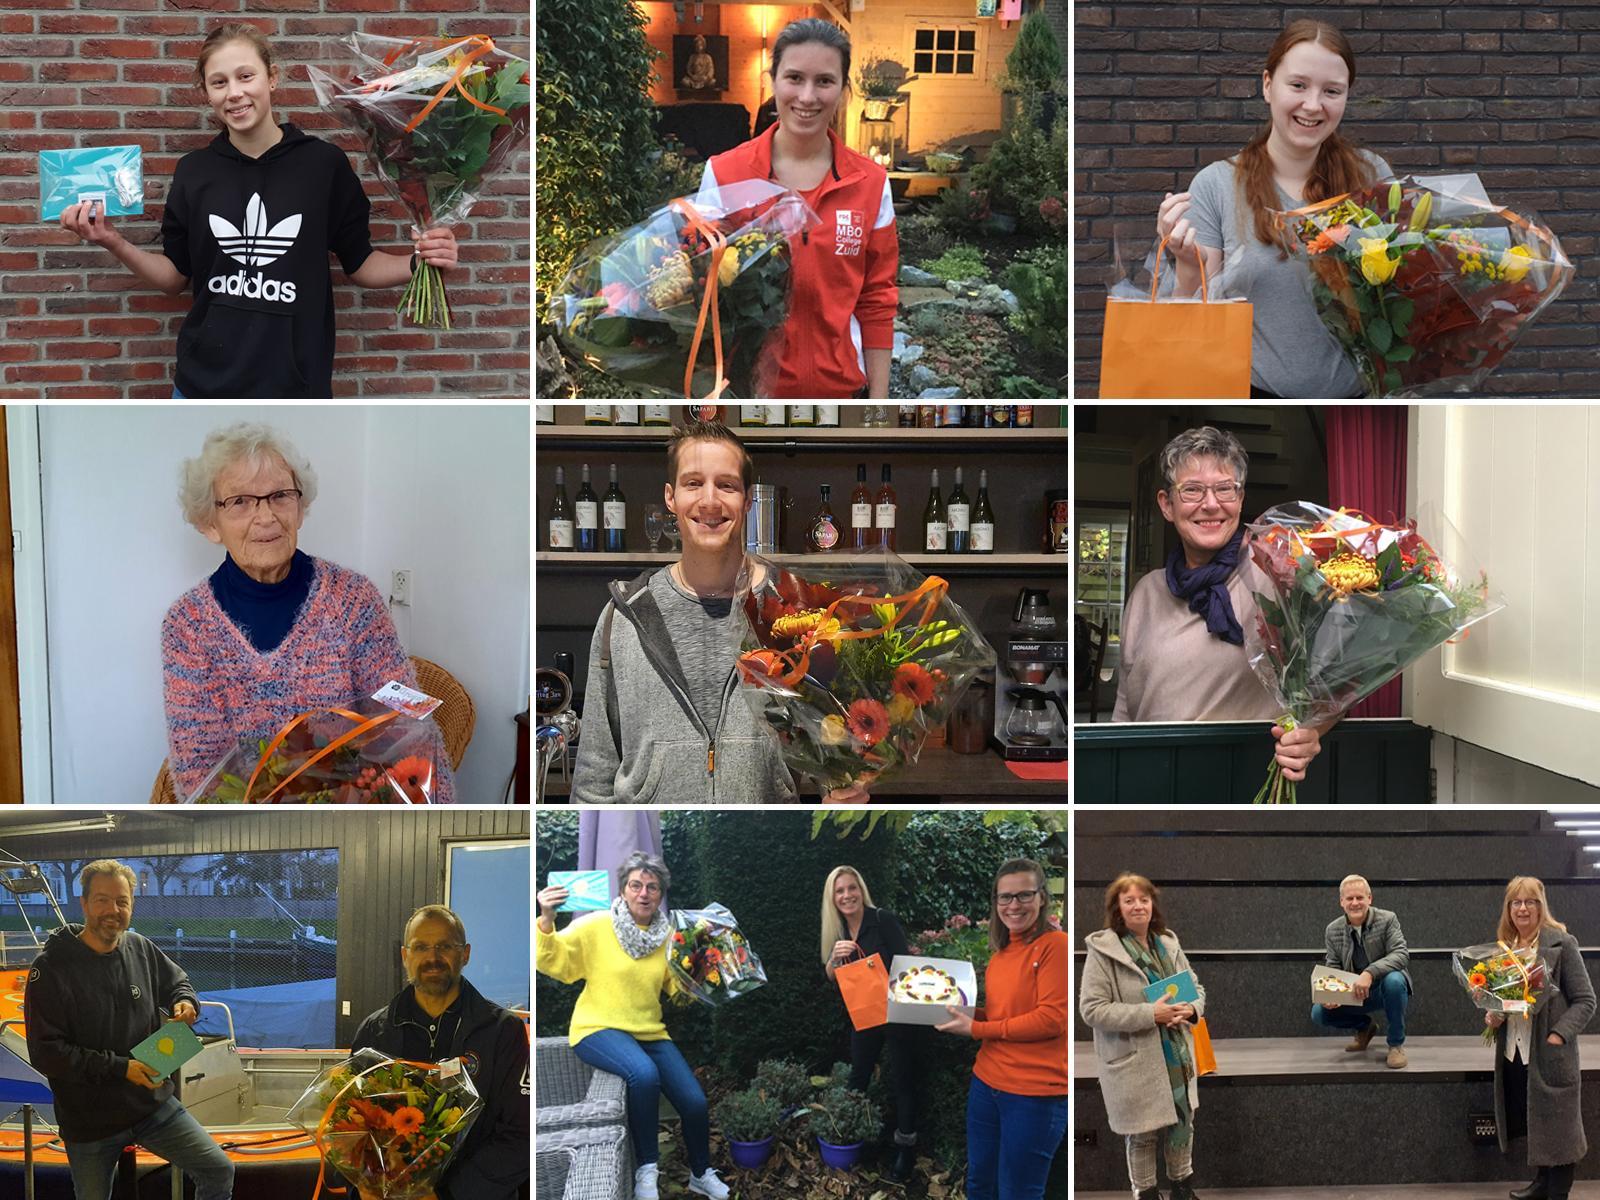 Genomineerden voor de Vrijwilligersprijs Medemblik 2020 zijn bekend en stellen zichzelf voor. Van jonge dierenverzorgster tot het plaatselijke KNRM-station [video]